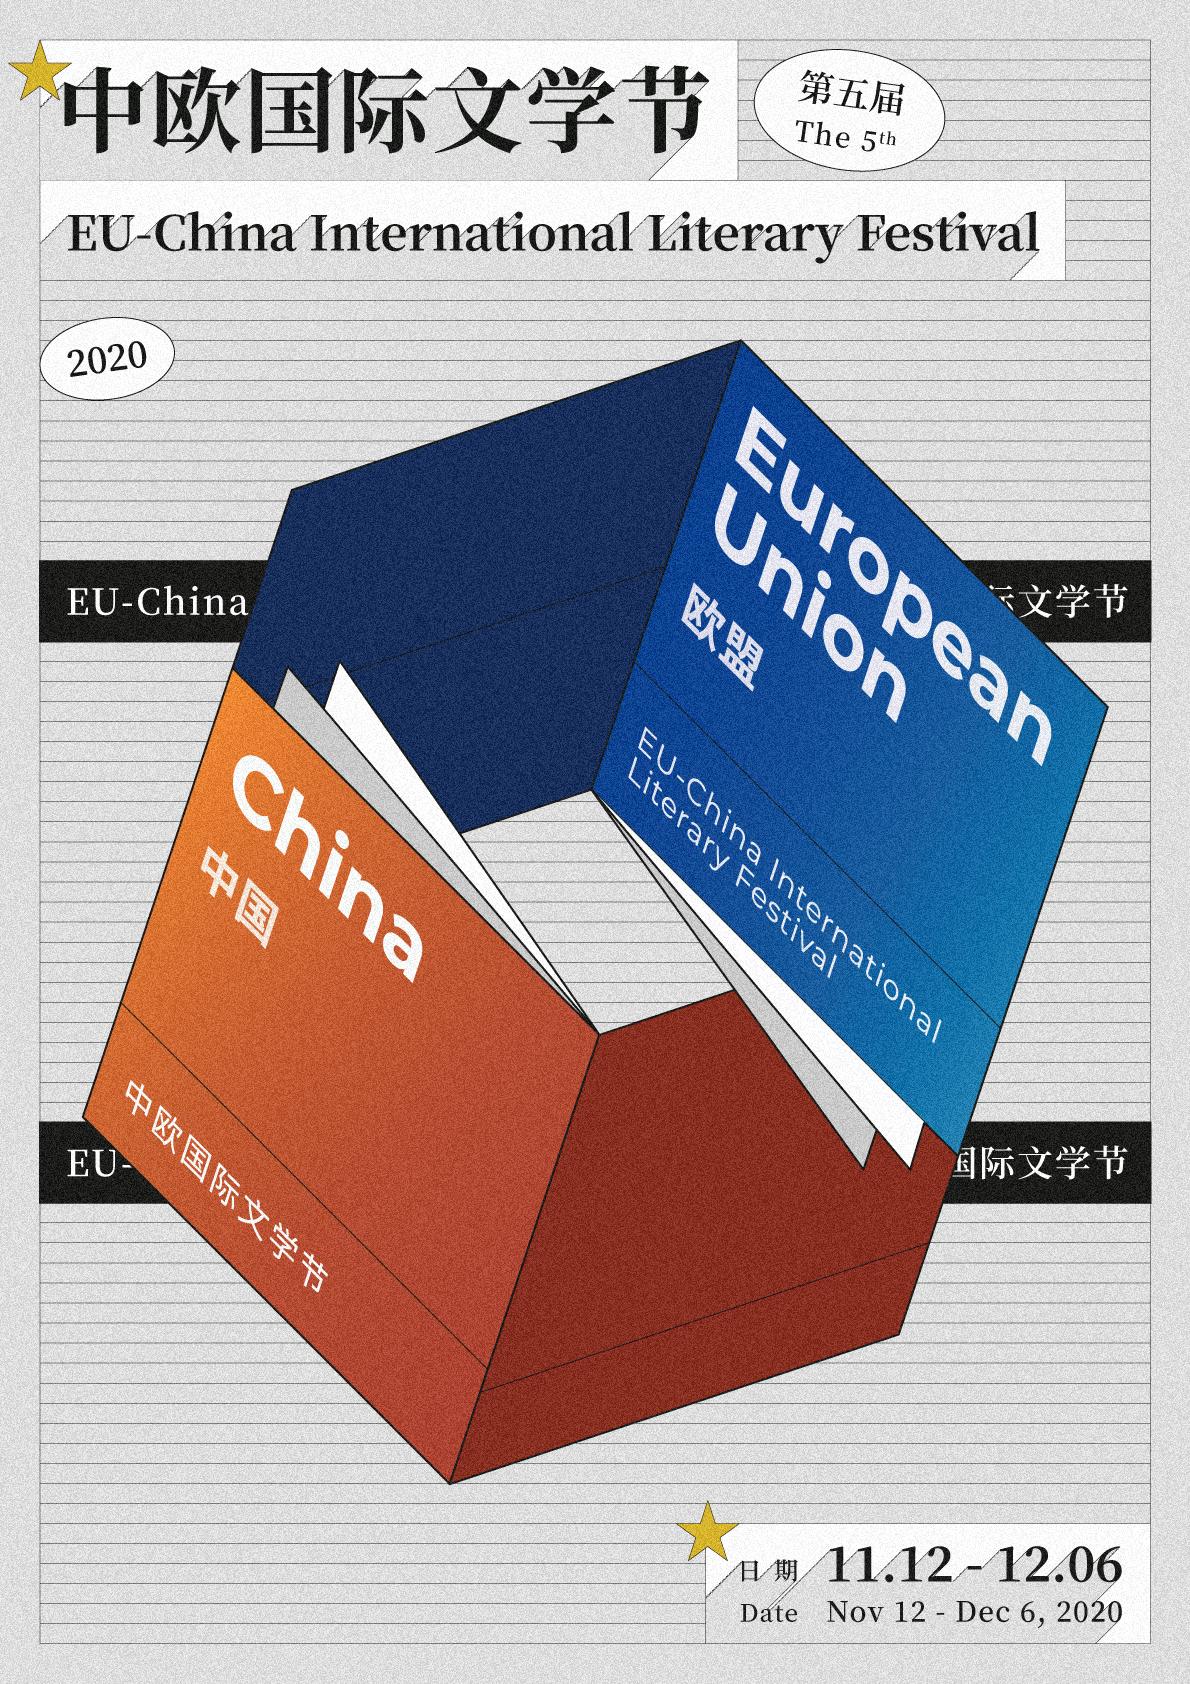 第5届中欧国际文学节即将启幕,27场活动异彩纷呈-出版人杂志官网